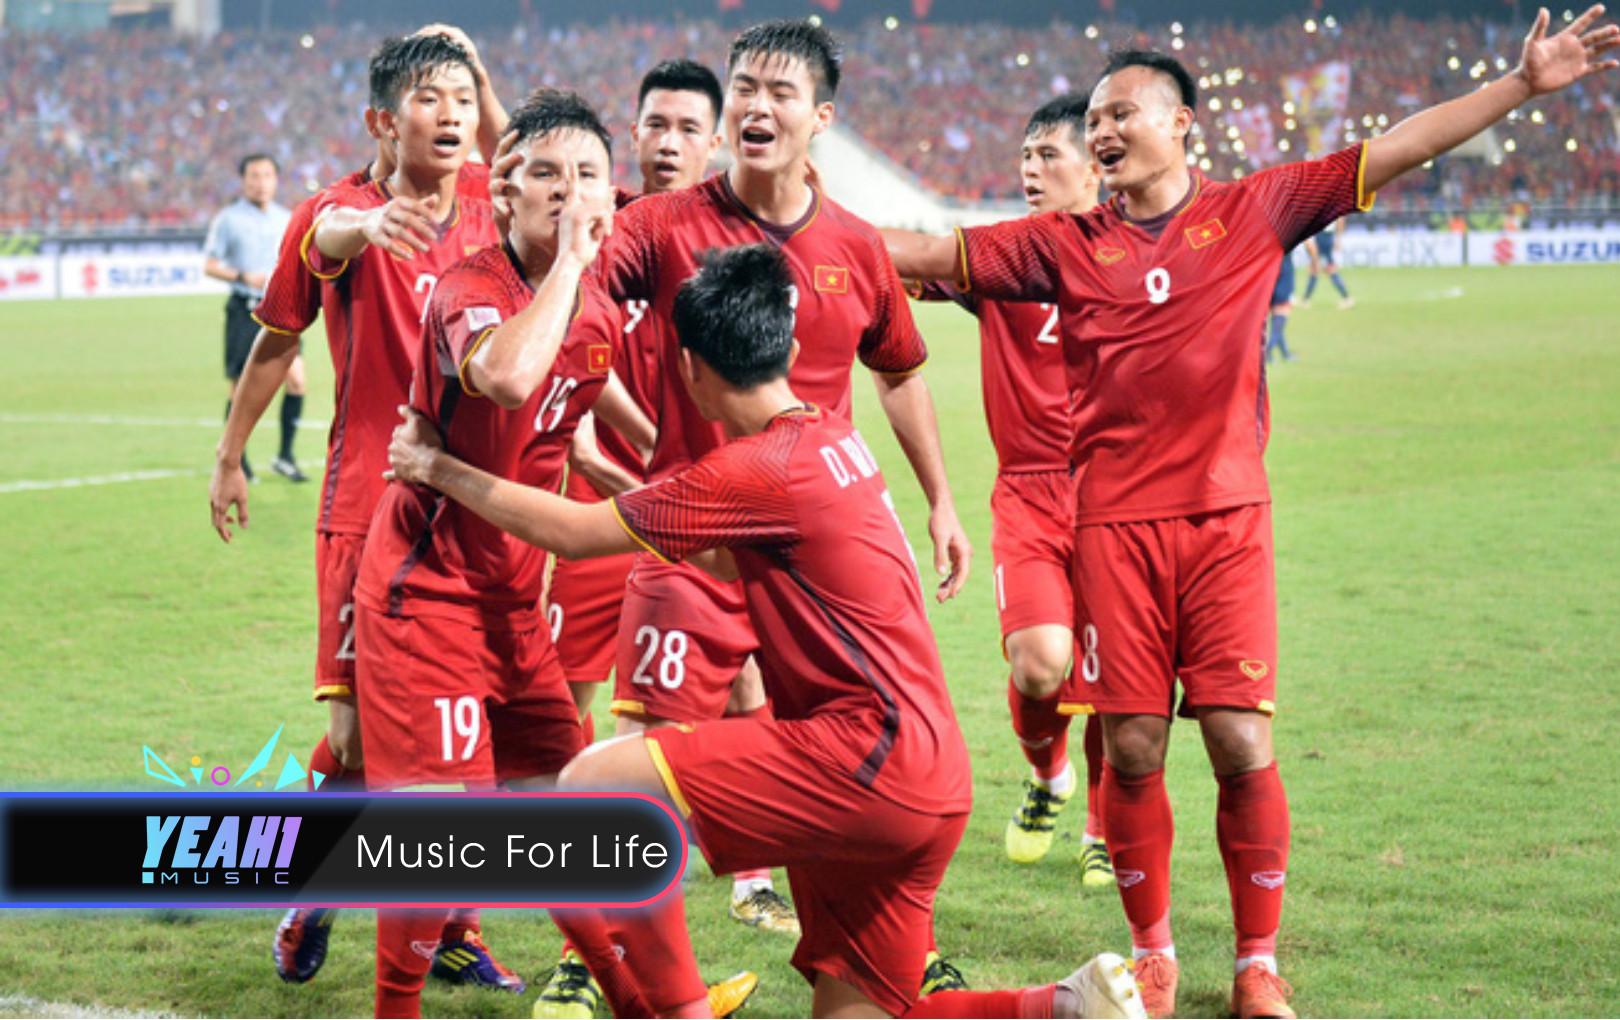 [Chung kết AFF Cup 2018] Malaysia vs Việt Nam: HLV Park Hang-seo gây bất ngờ ở đội hình xuất phát